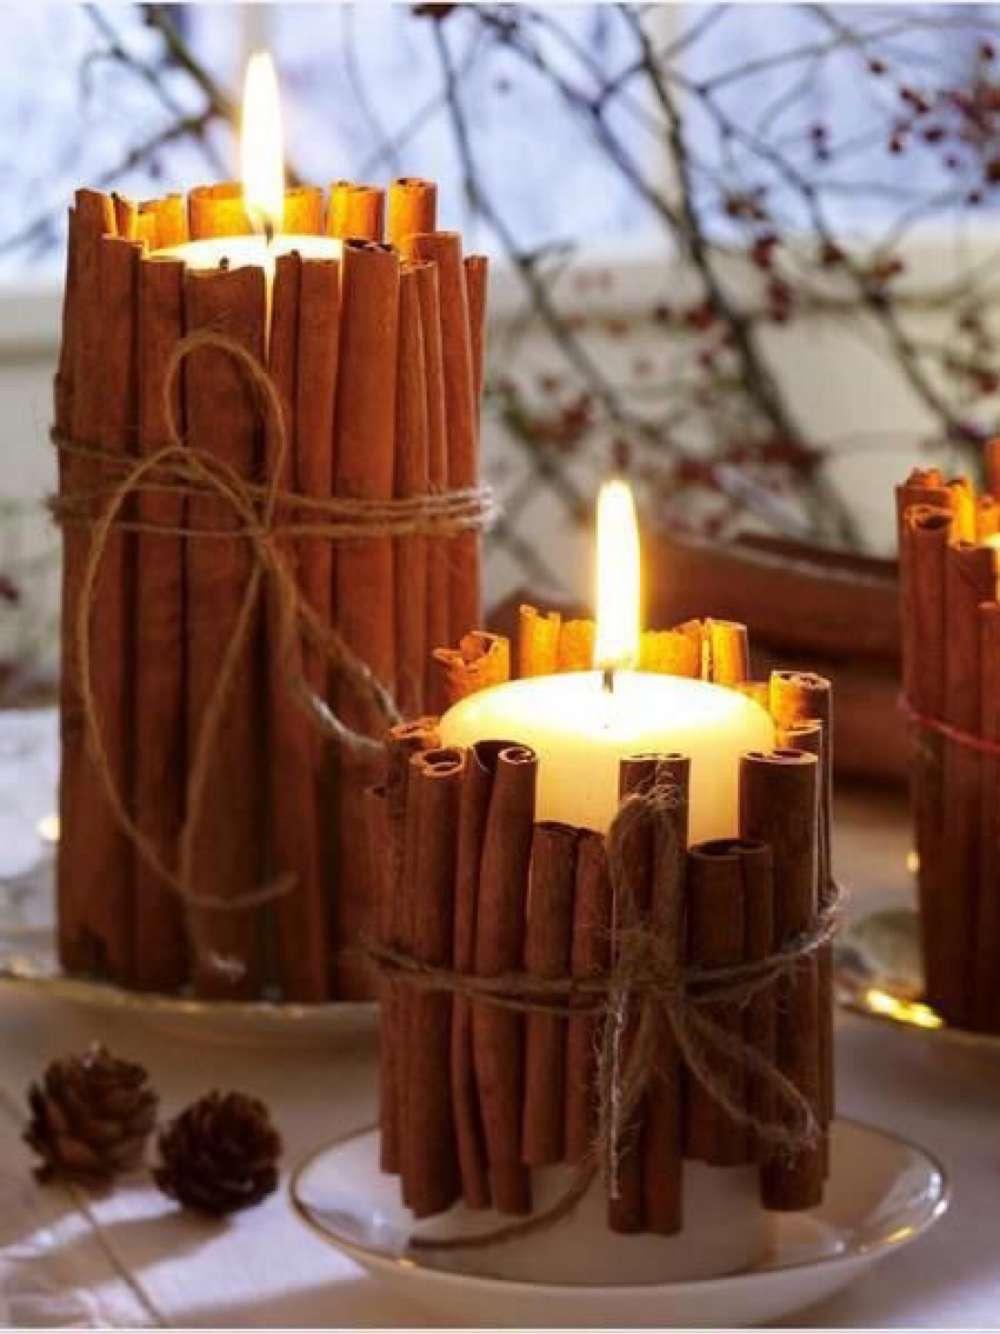 Centros de mesa - Velas con ramas de canela